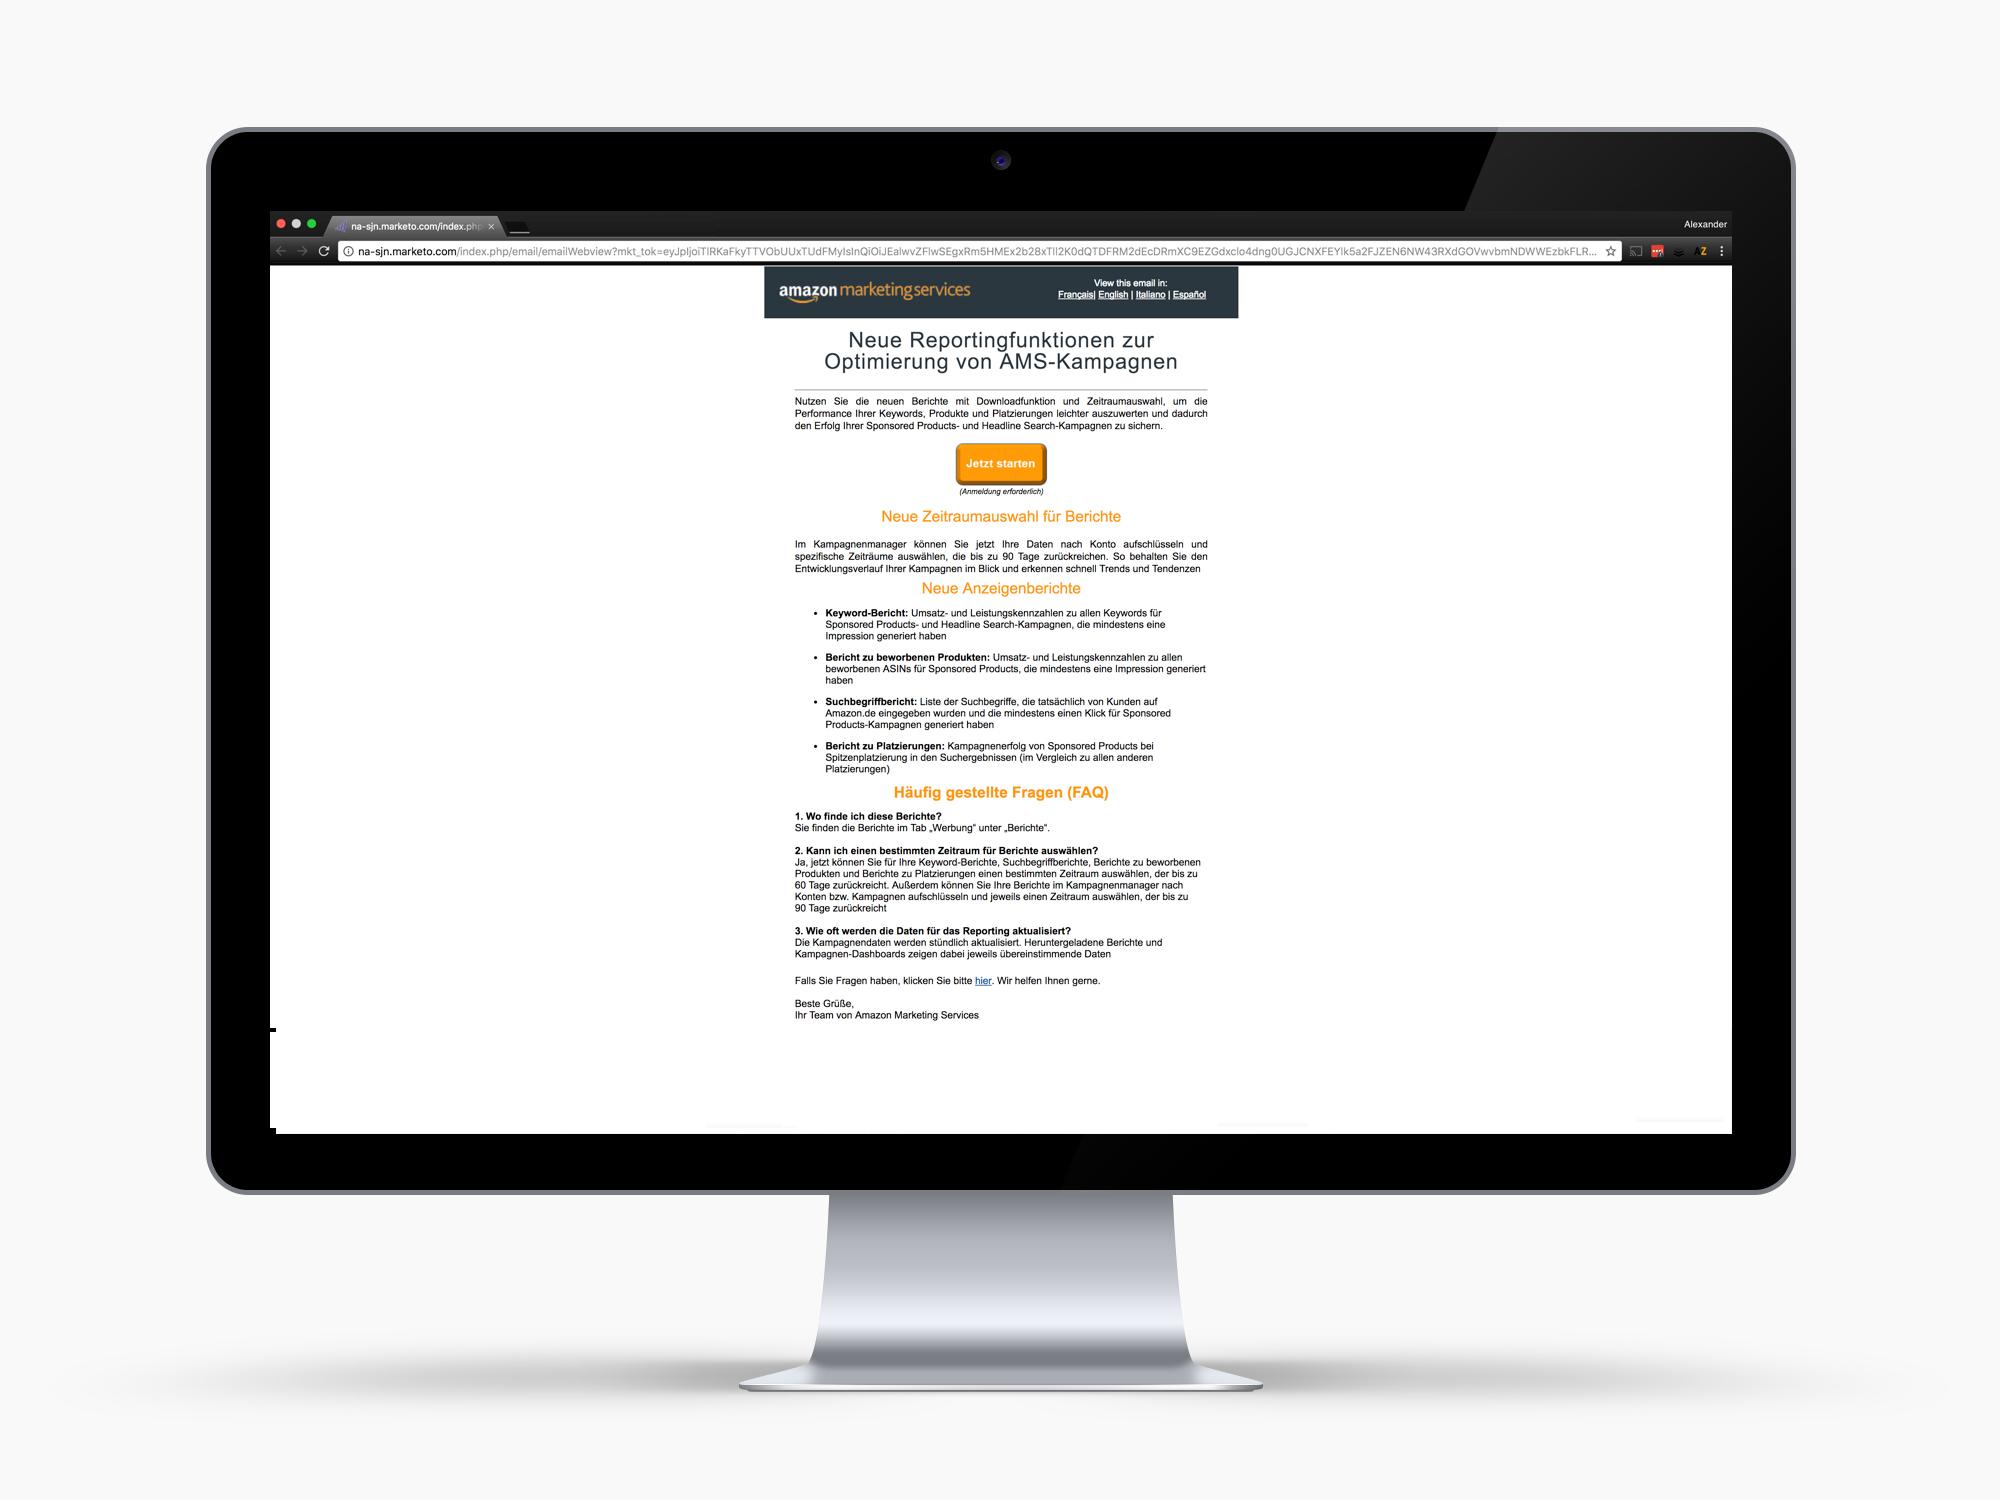 Amazon Marketing Services – Neue Reportingfunktionen zur Optimierung von AMS-Kampagnen